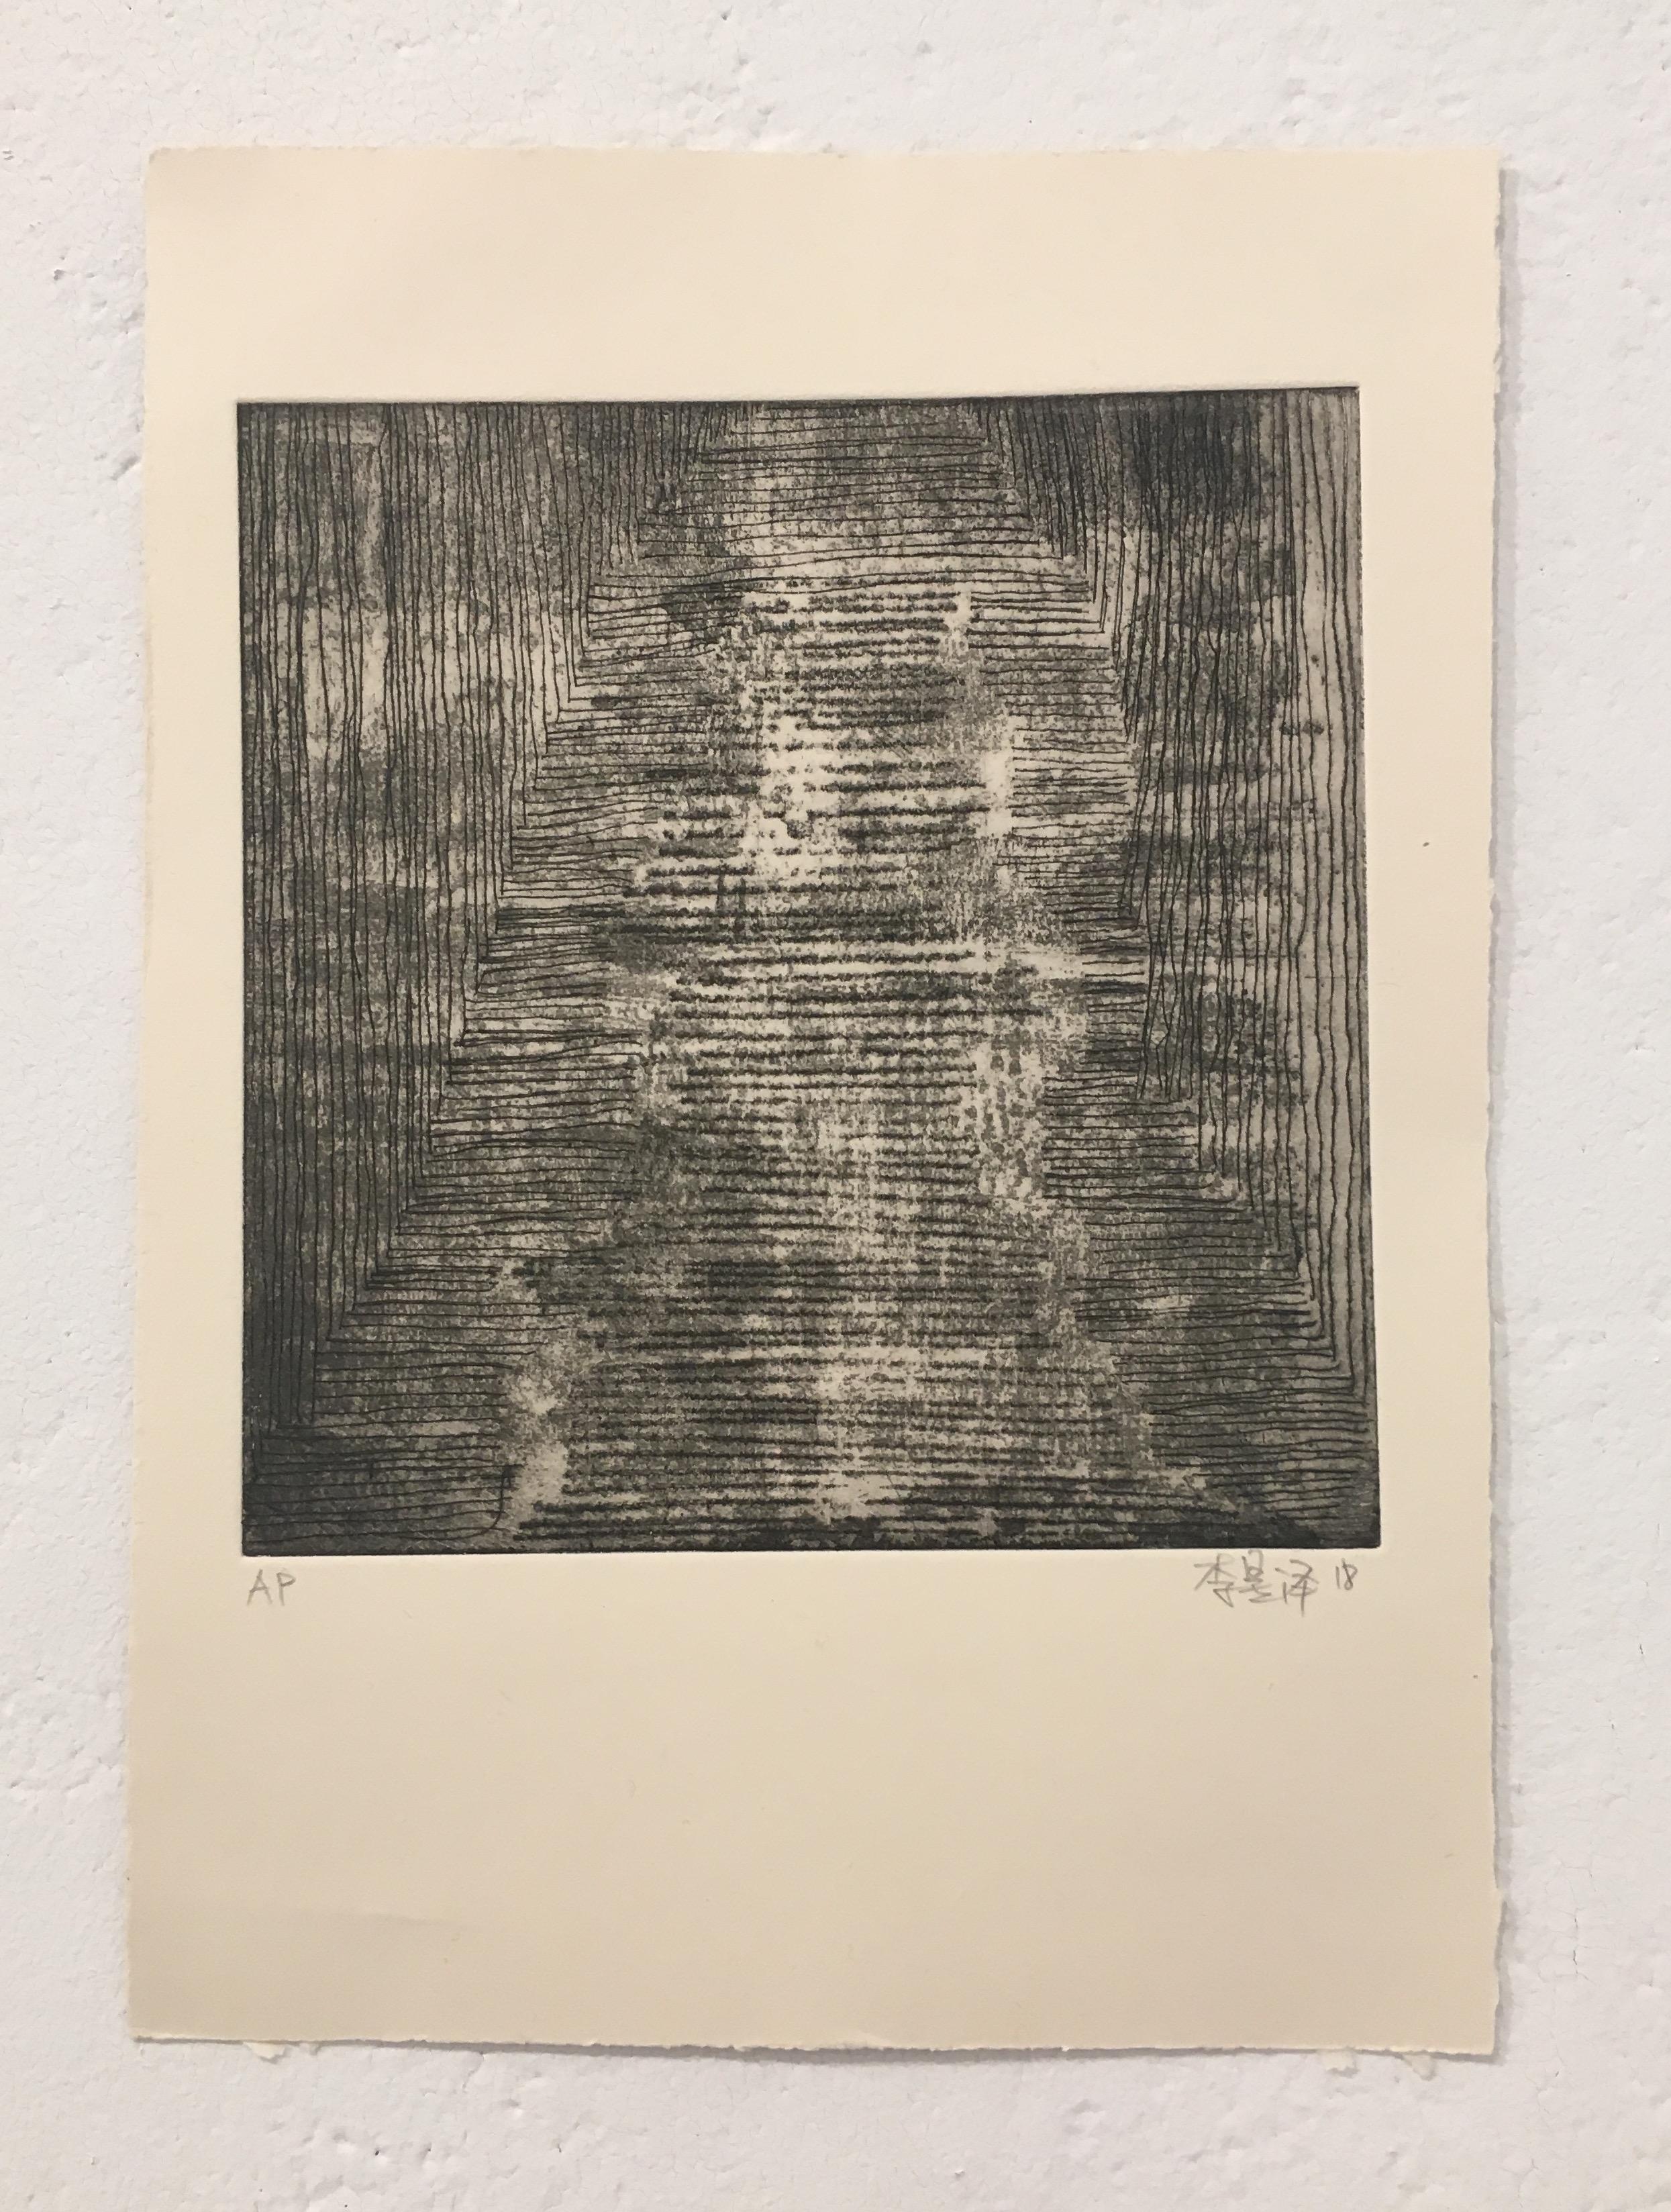 """Xingze Li, """"Untitled #5"""" (hardground etching)"""